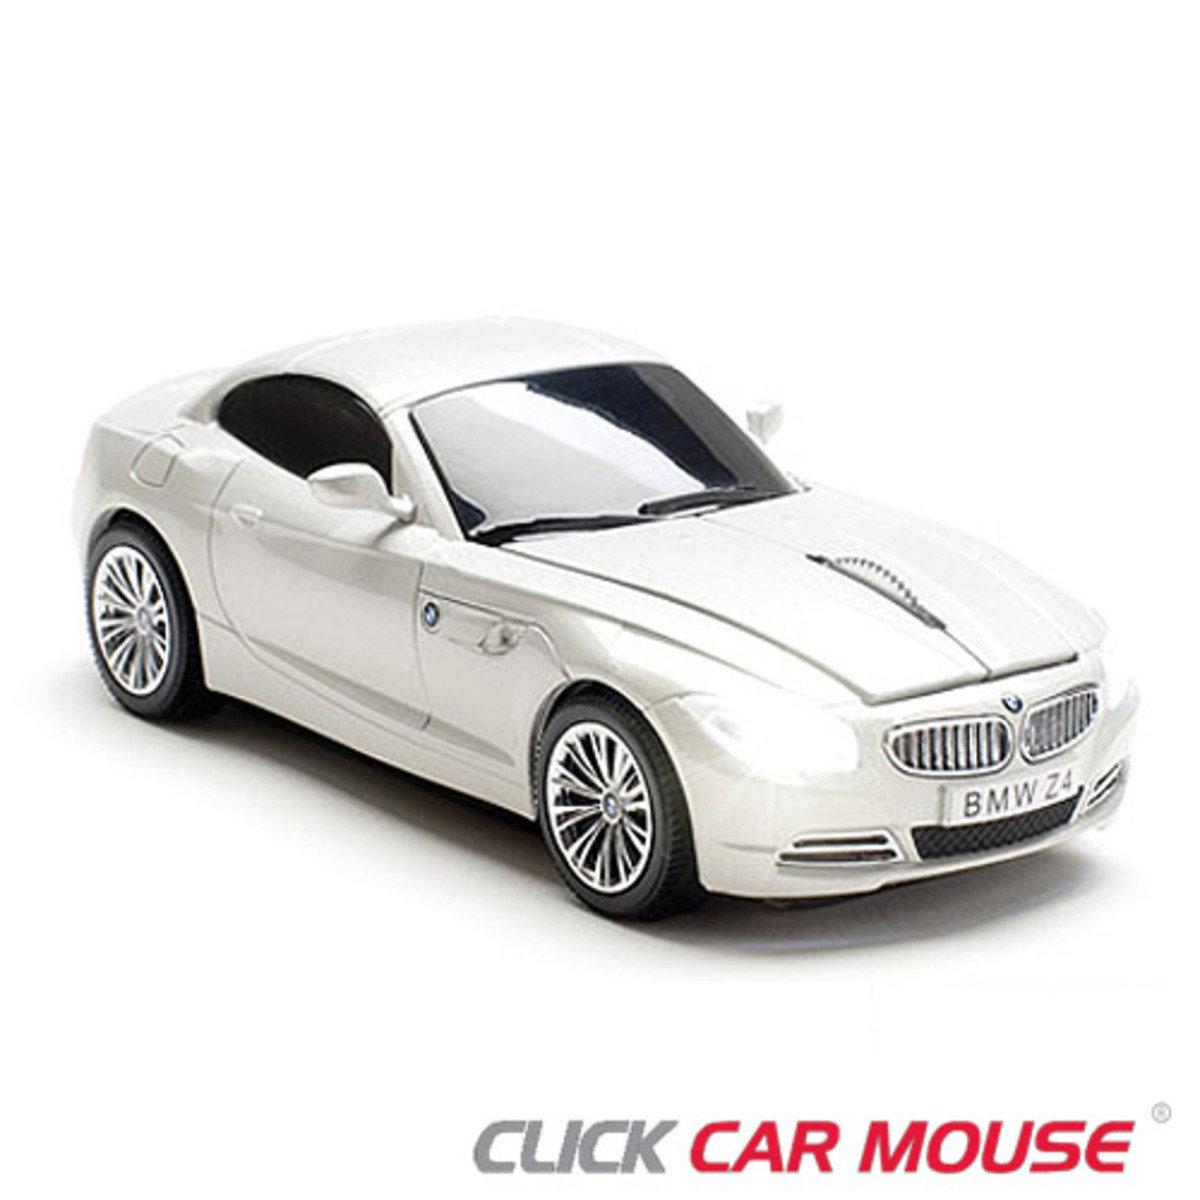 BMW Z4 無線nano滑鼠 (白色)